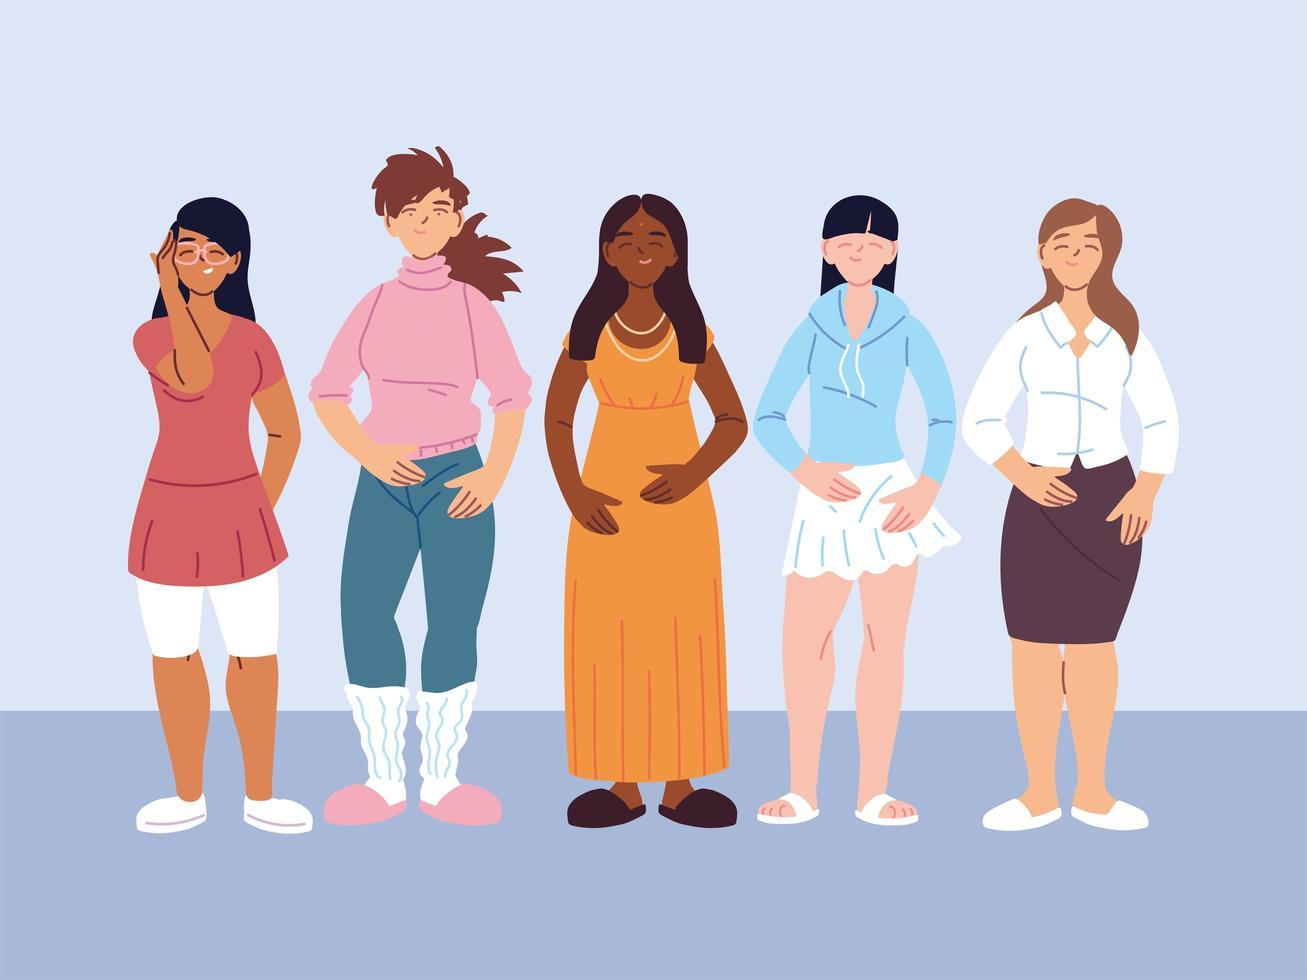 vielfältige Gruppe von Frauen in Freizeitkleidung vektor